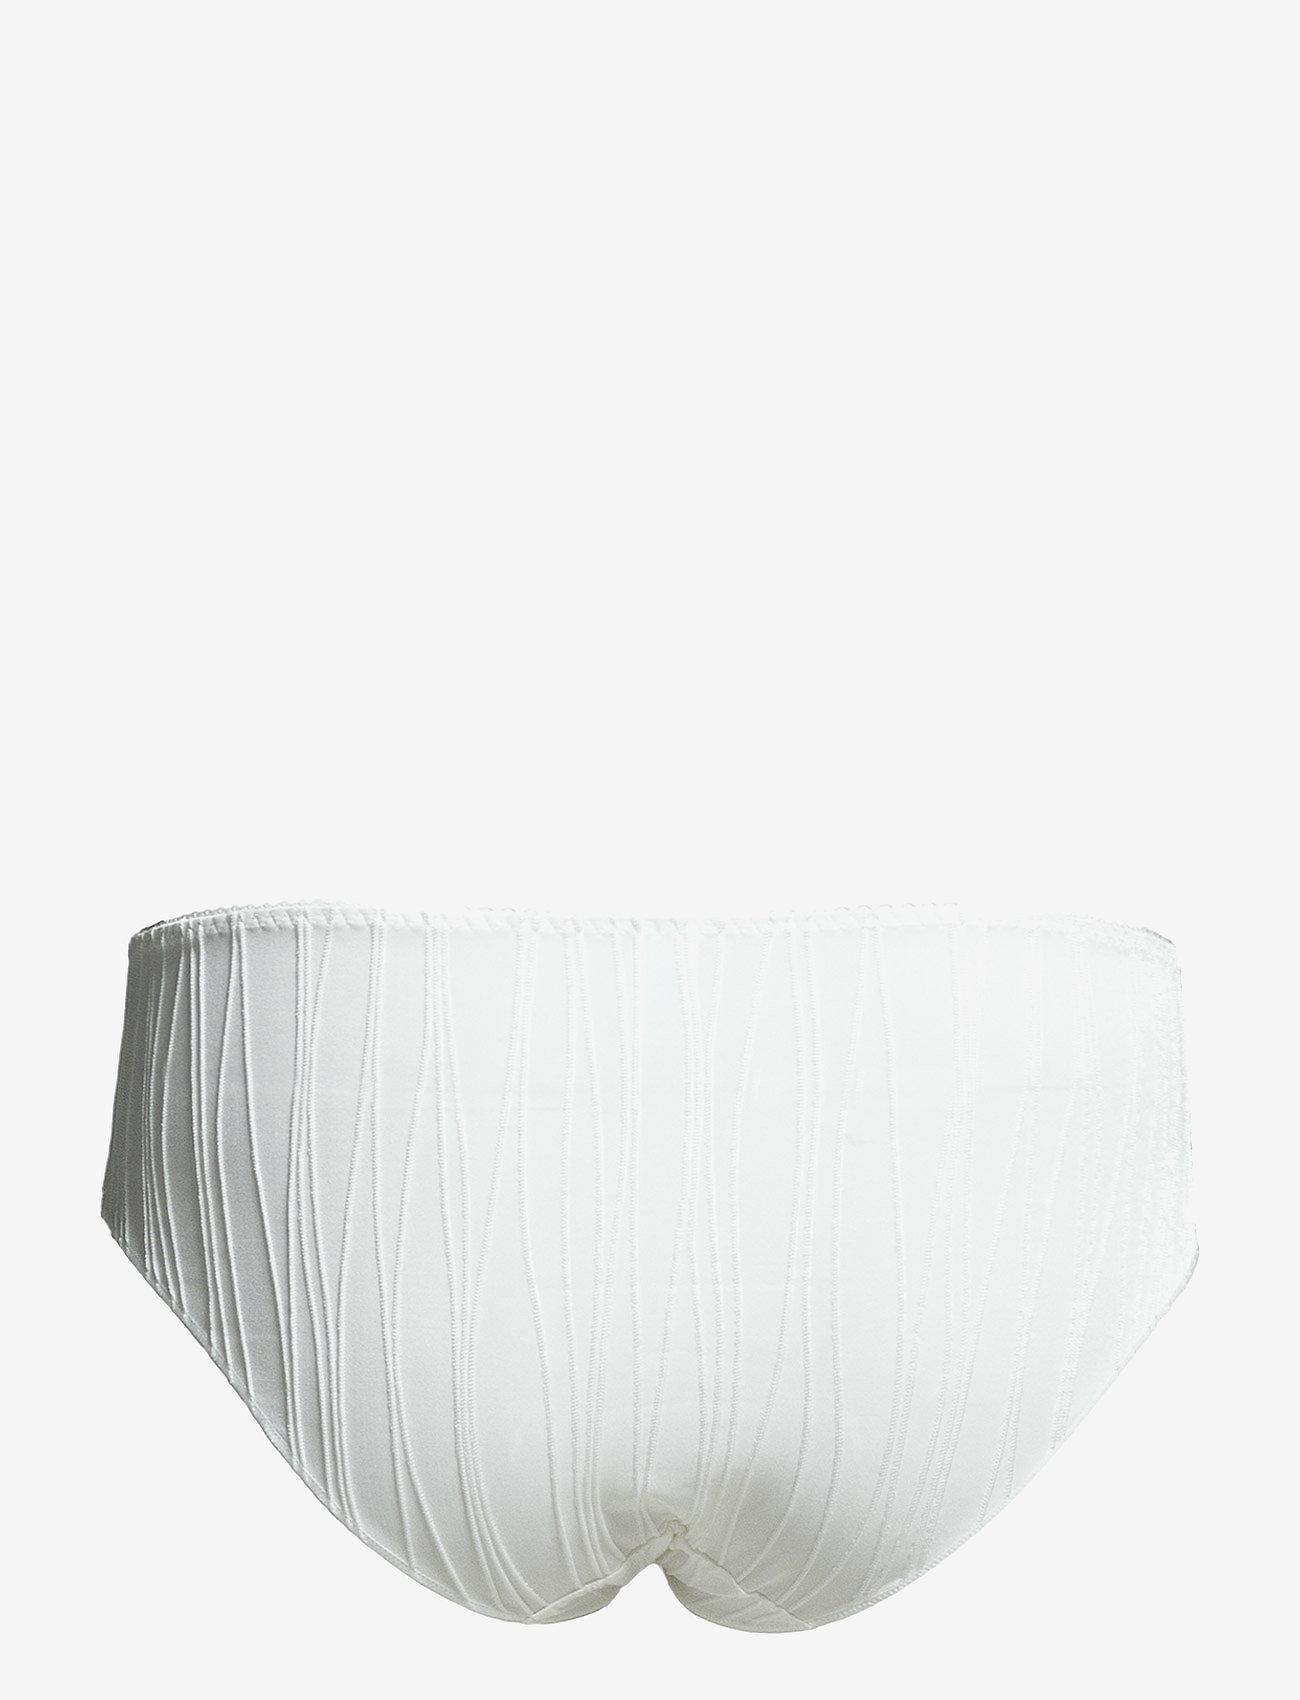 Missya Dorrit Hipster Basis - Trosor Ivory